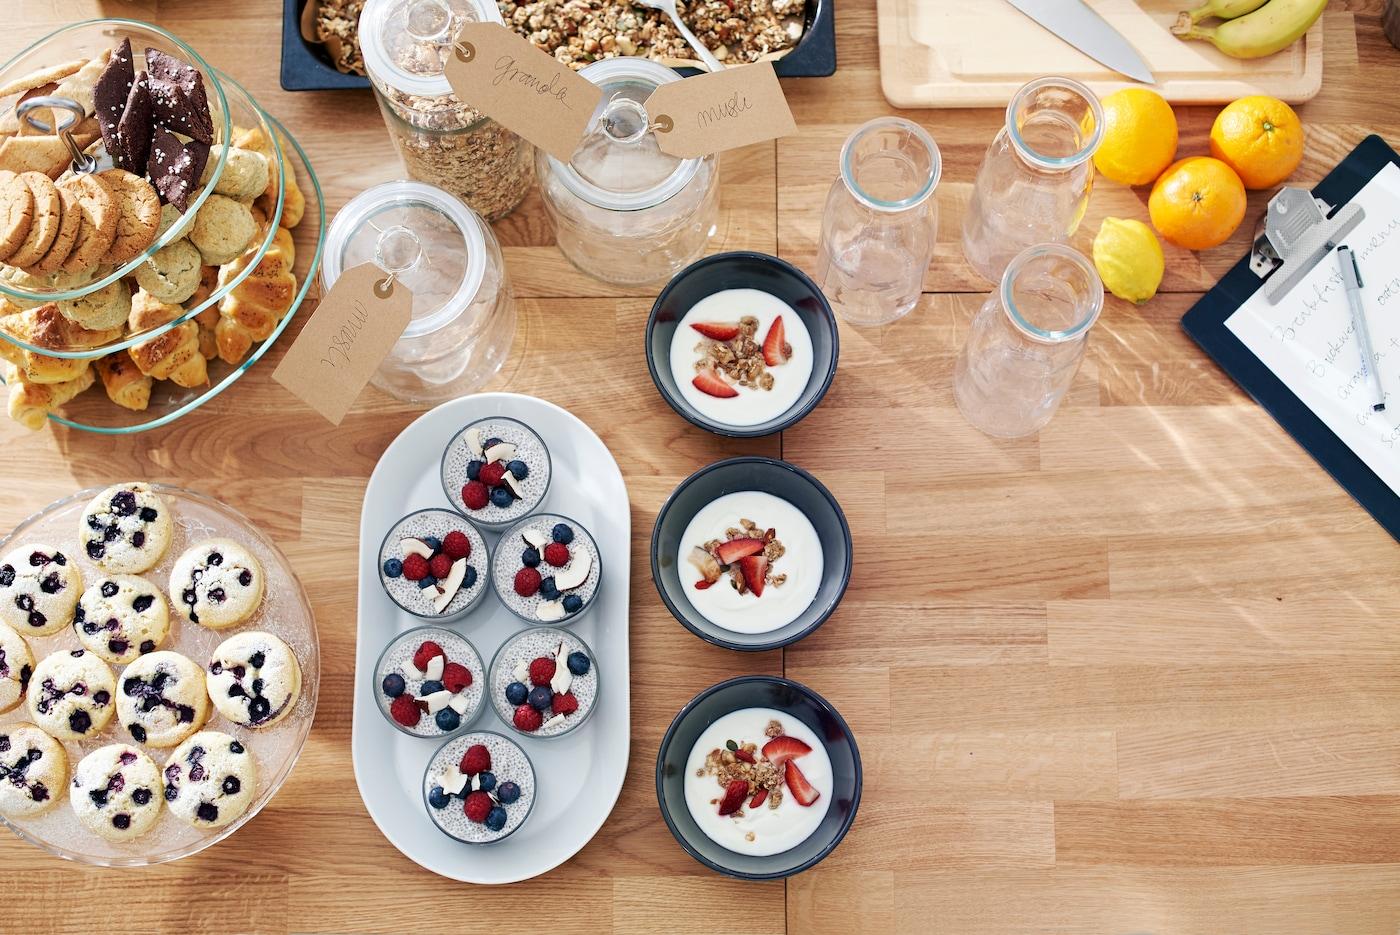 Mesa con galletas, granola, frutas y otros postres.